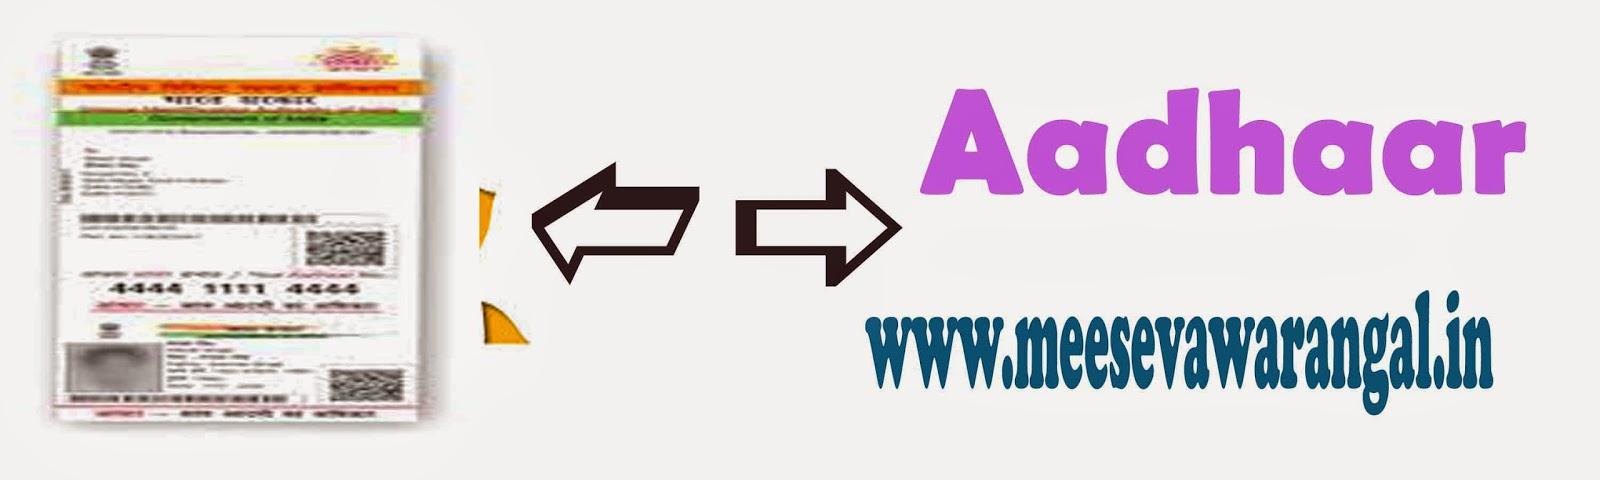 Aadhaar Card Free Download Online